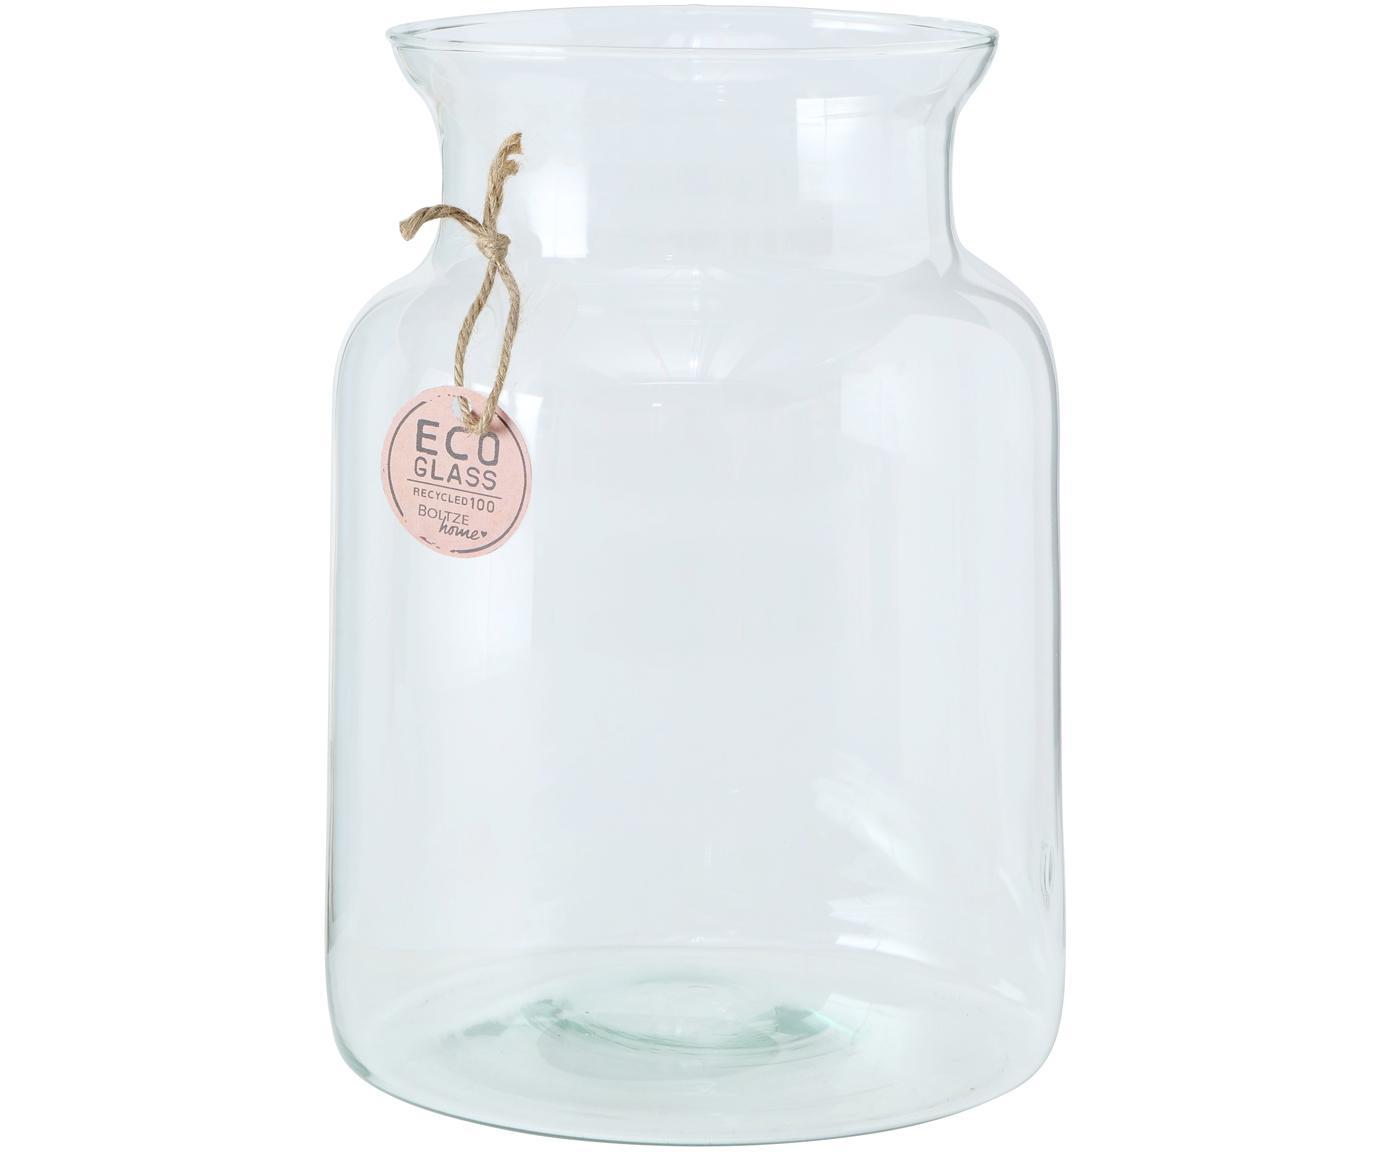 Vaso fatto a mano in vetro riciclato Eco, Vetro riciclato, Trasparente, Ø 19 x Alt. 26 cm